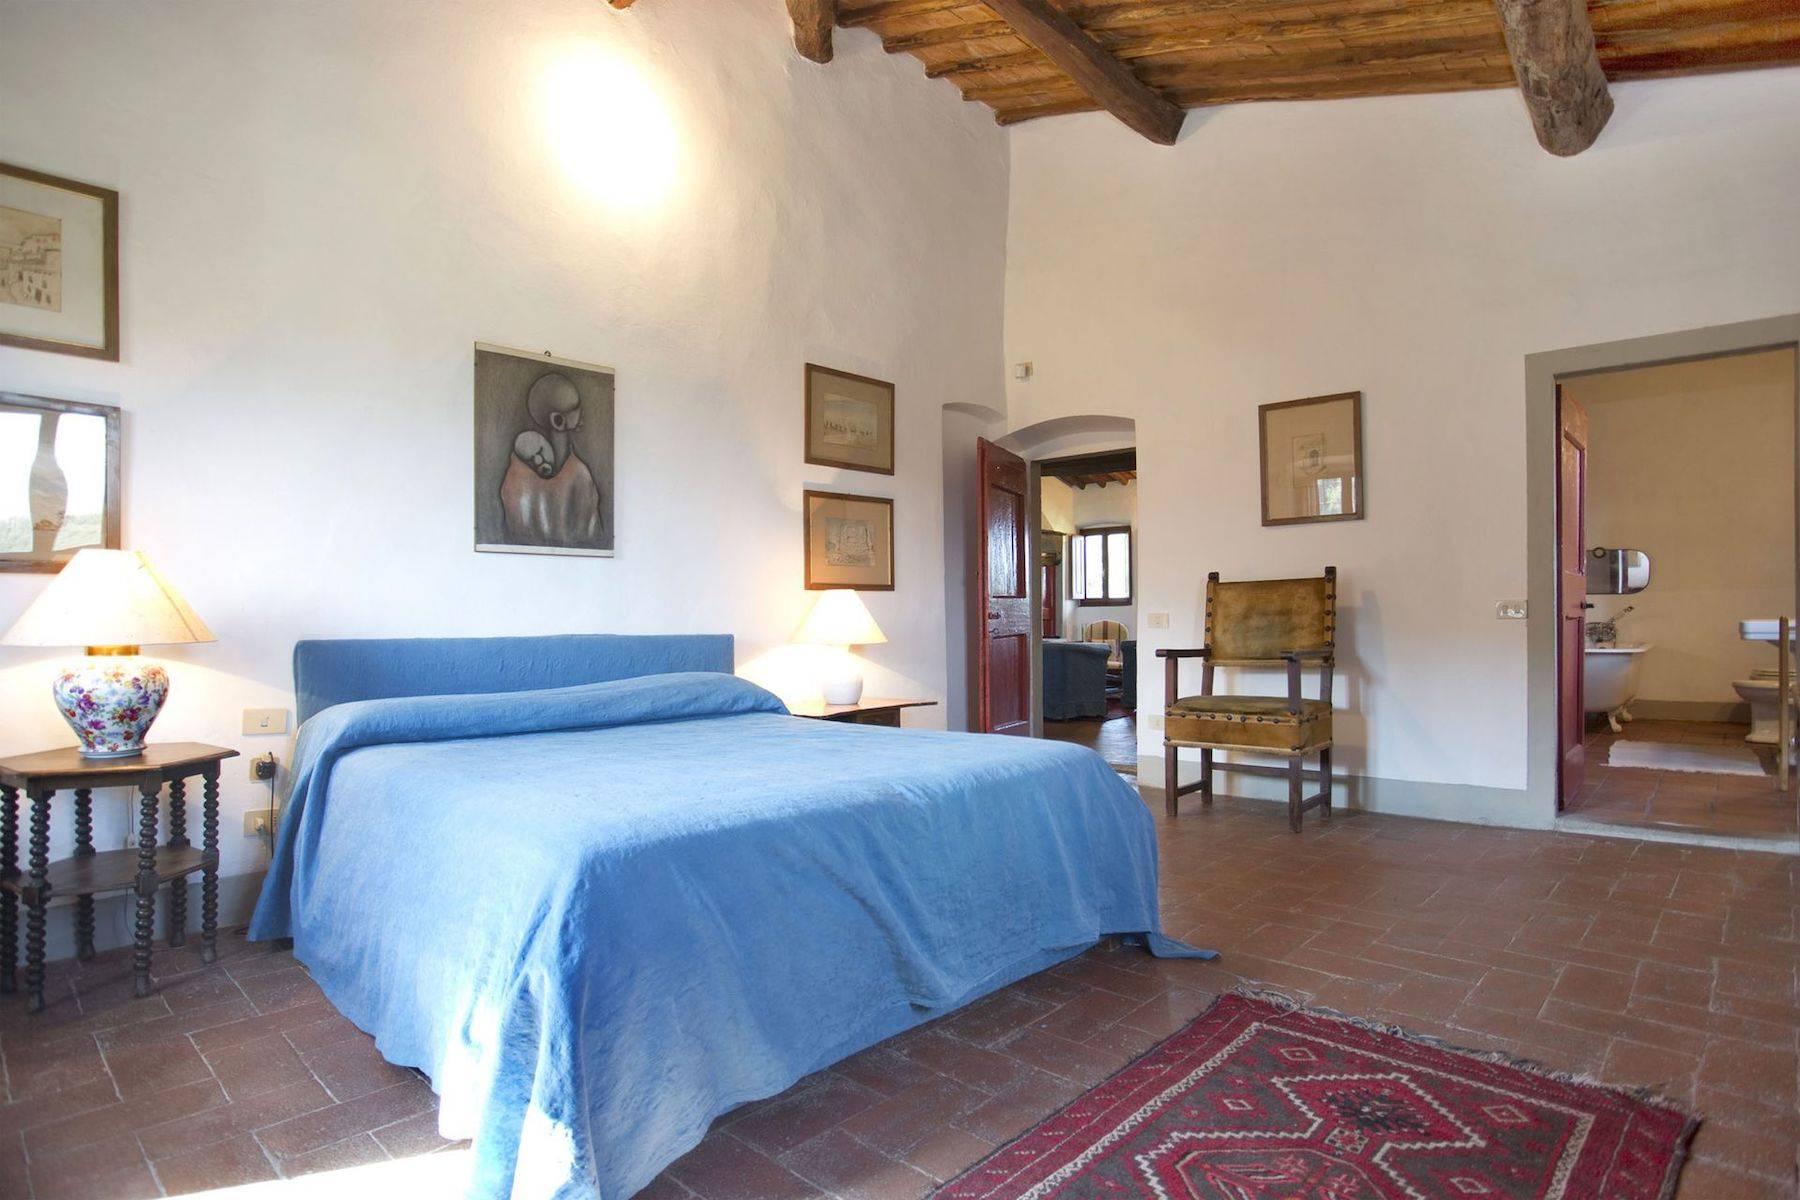 Villa in Vendita a Rignano Sull'Arno: 5 locali, 550 mq - Foto 15